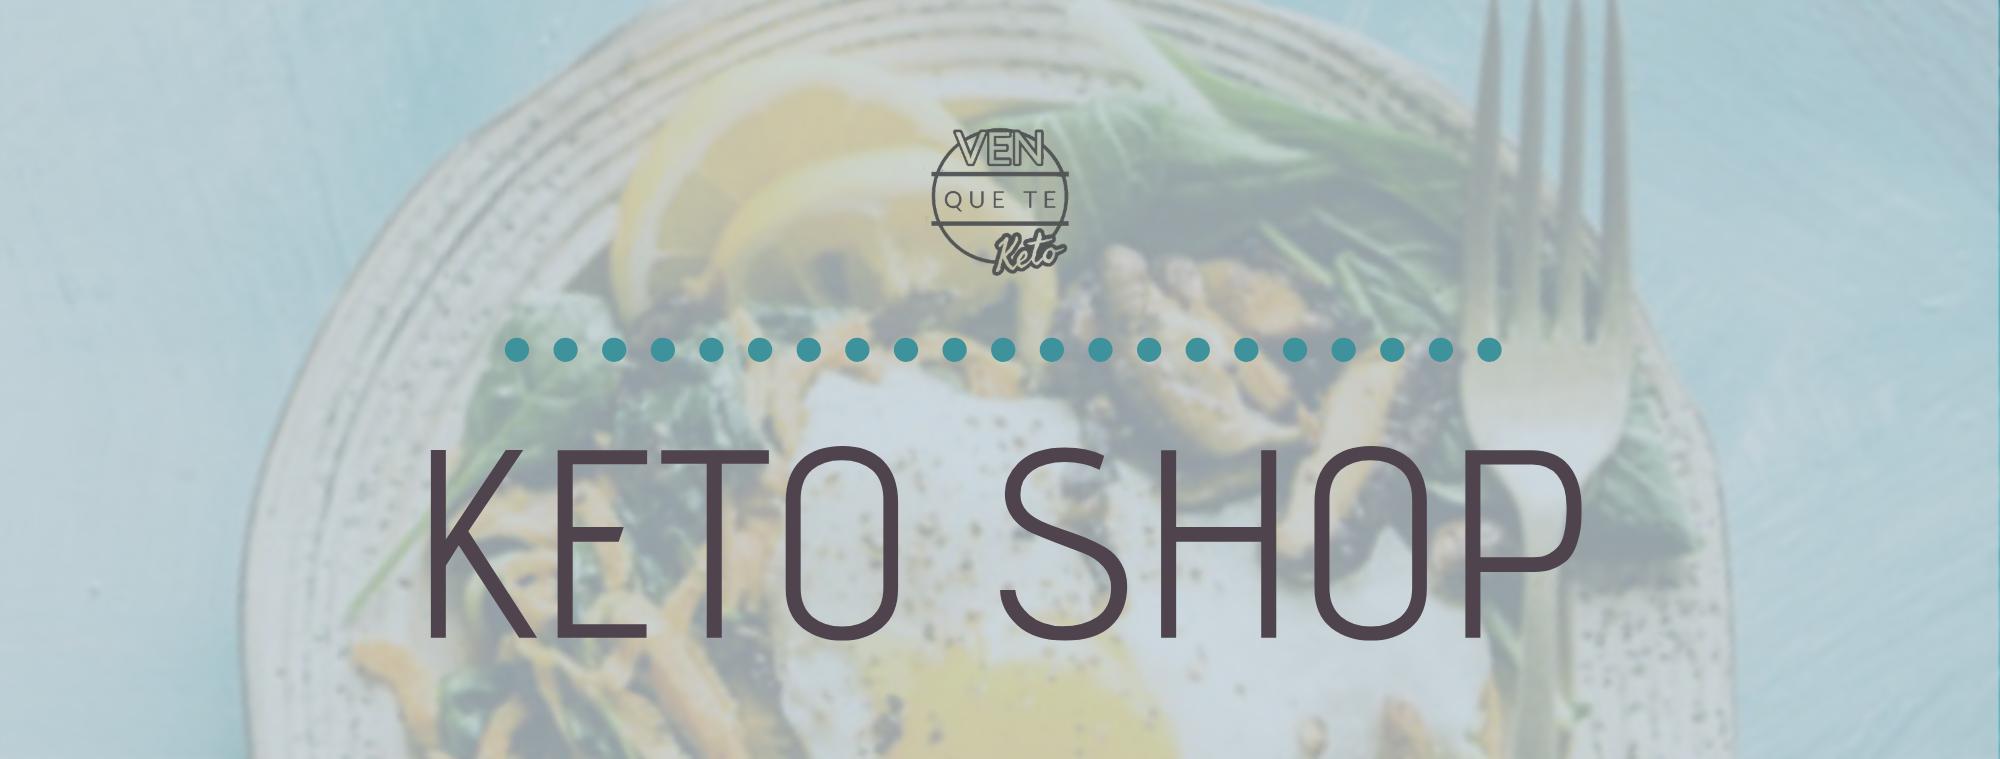 KETO SHOP - Keto Shop